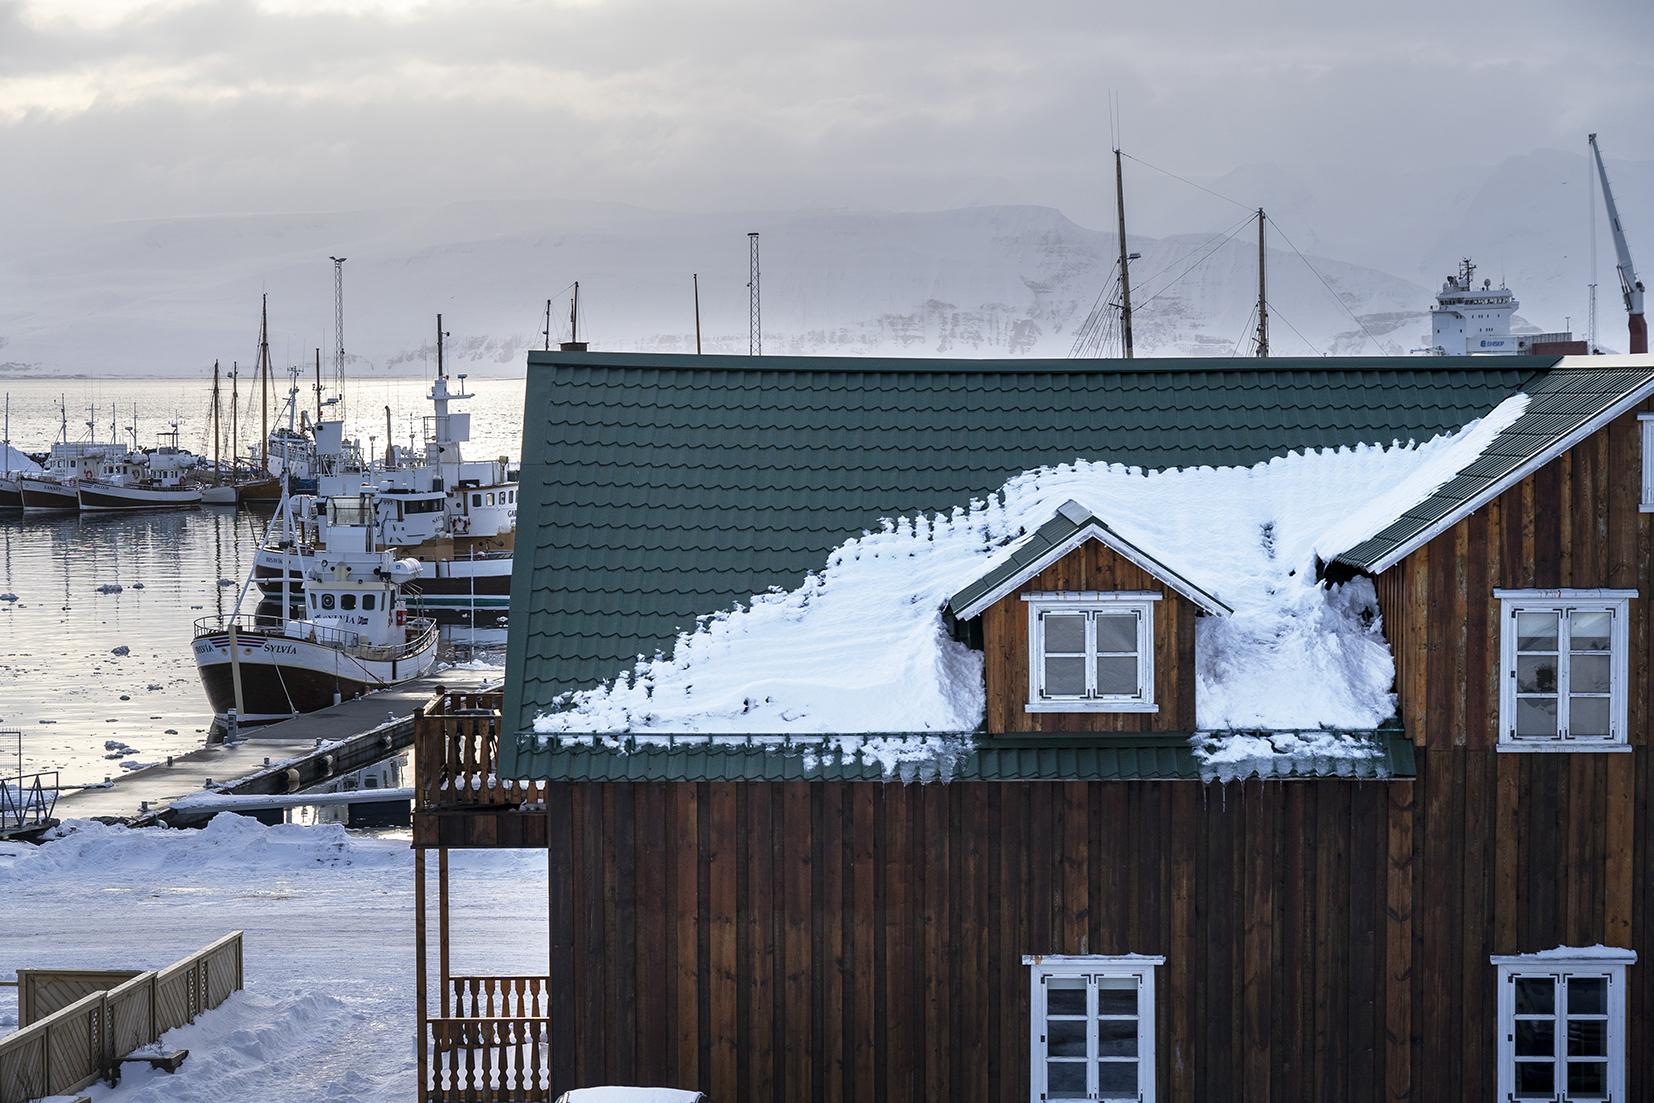 Húsavik port montagnes Islande du Nord bateaux